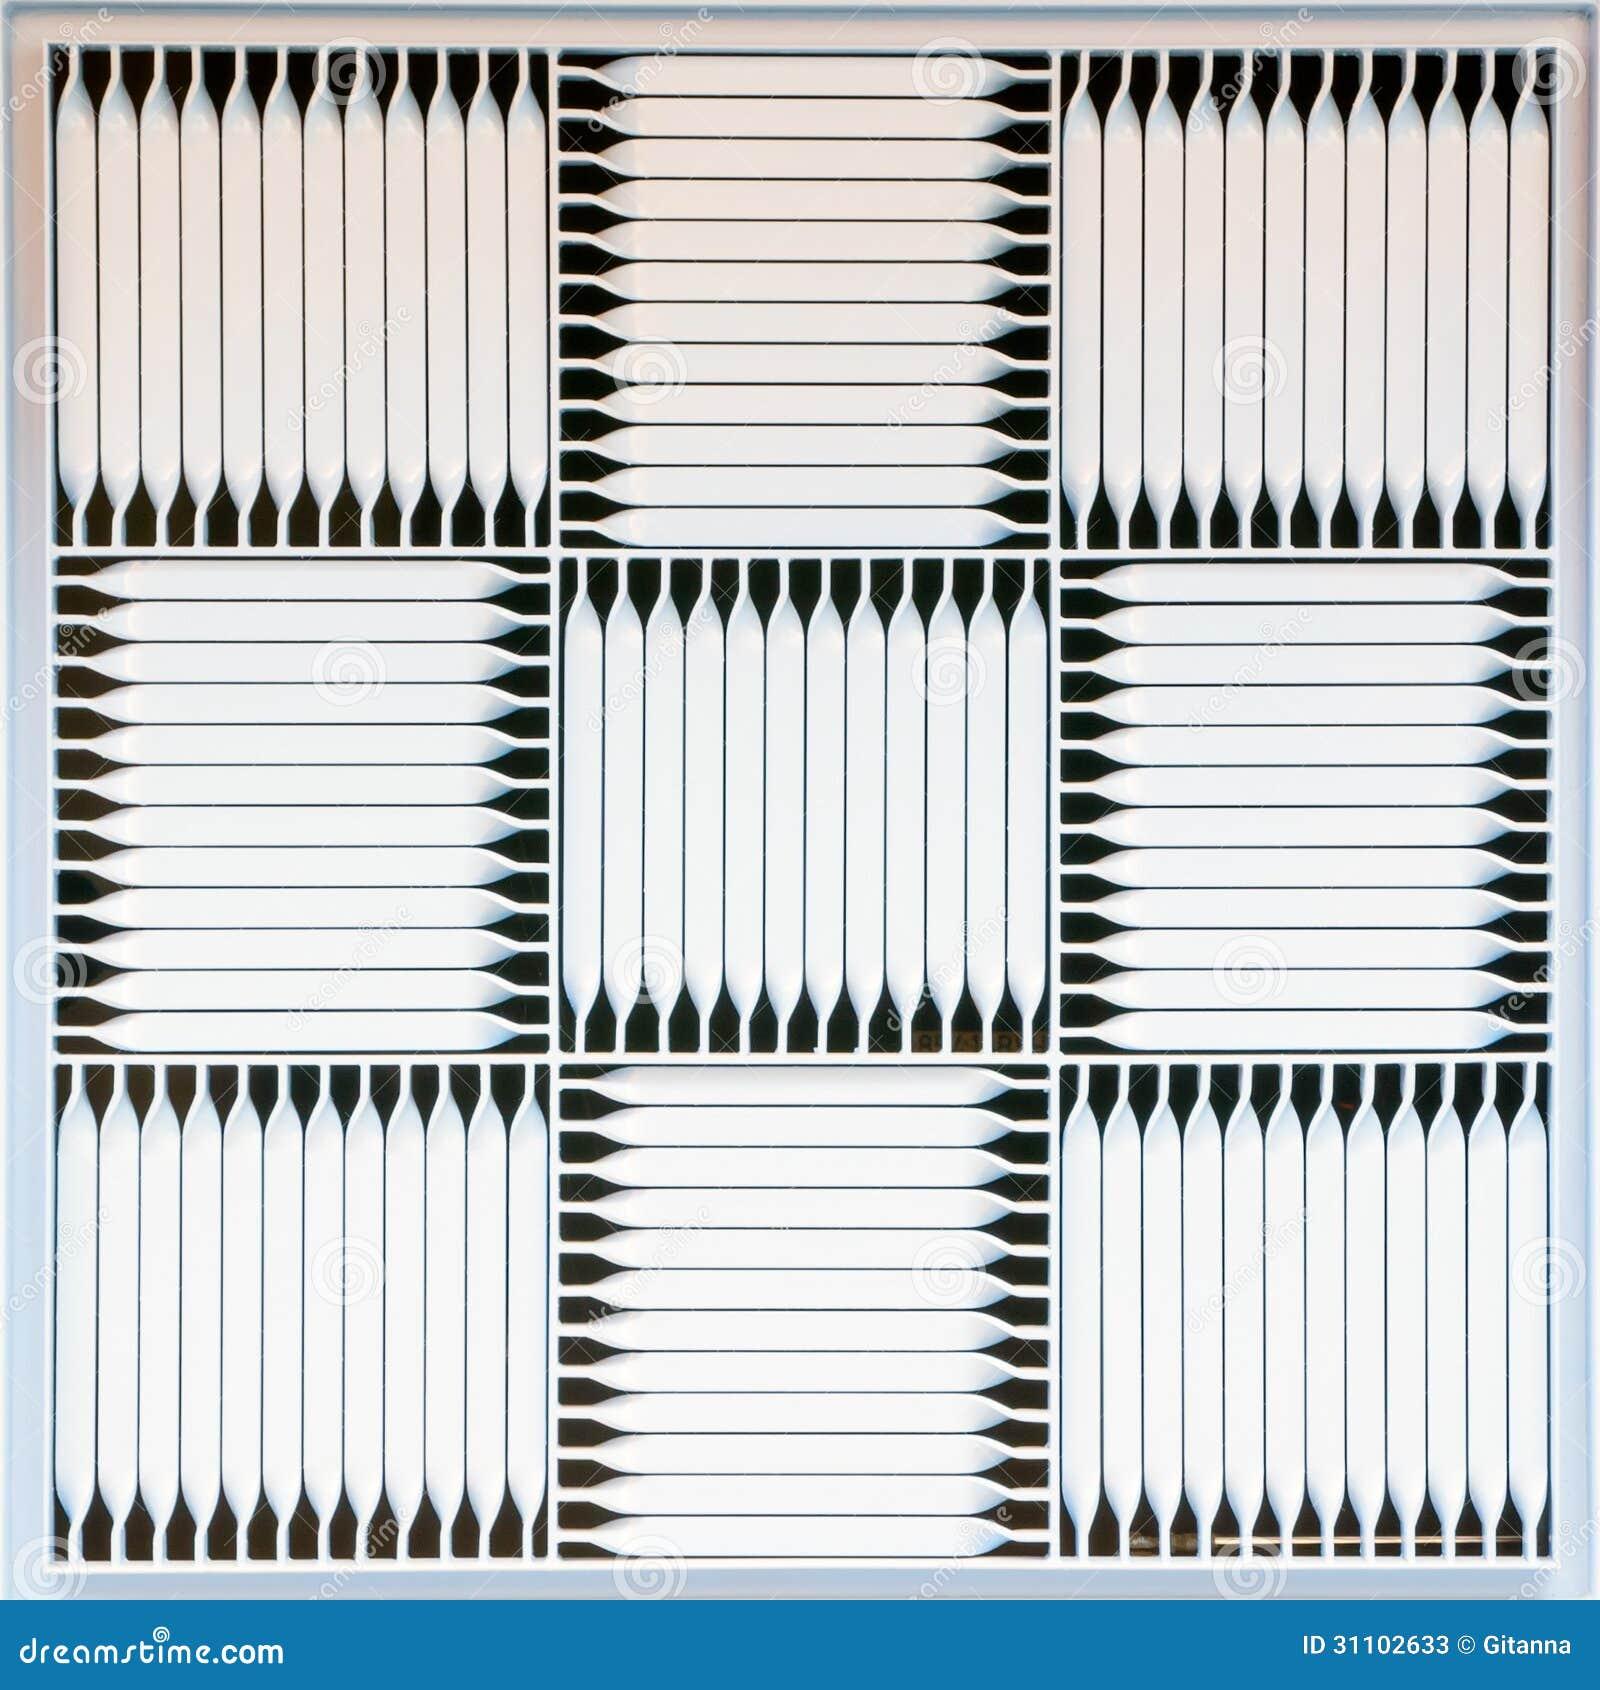 Ventilation grilles stock photos image 31102633 - Grille de ventilation hygroreglable ...